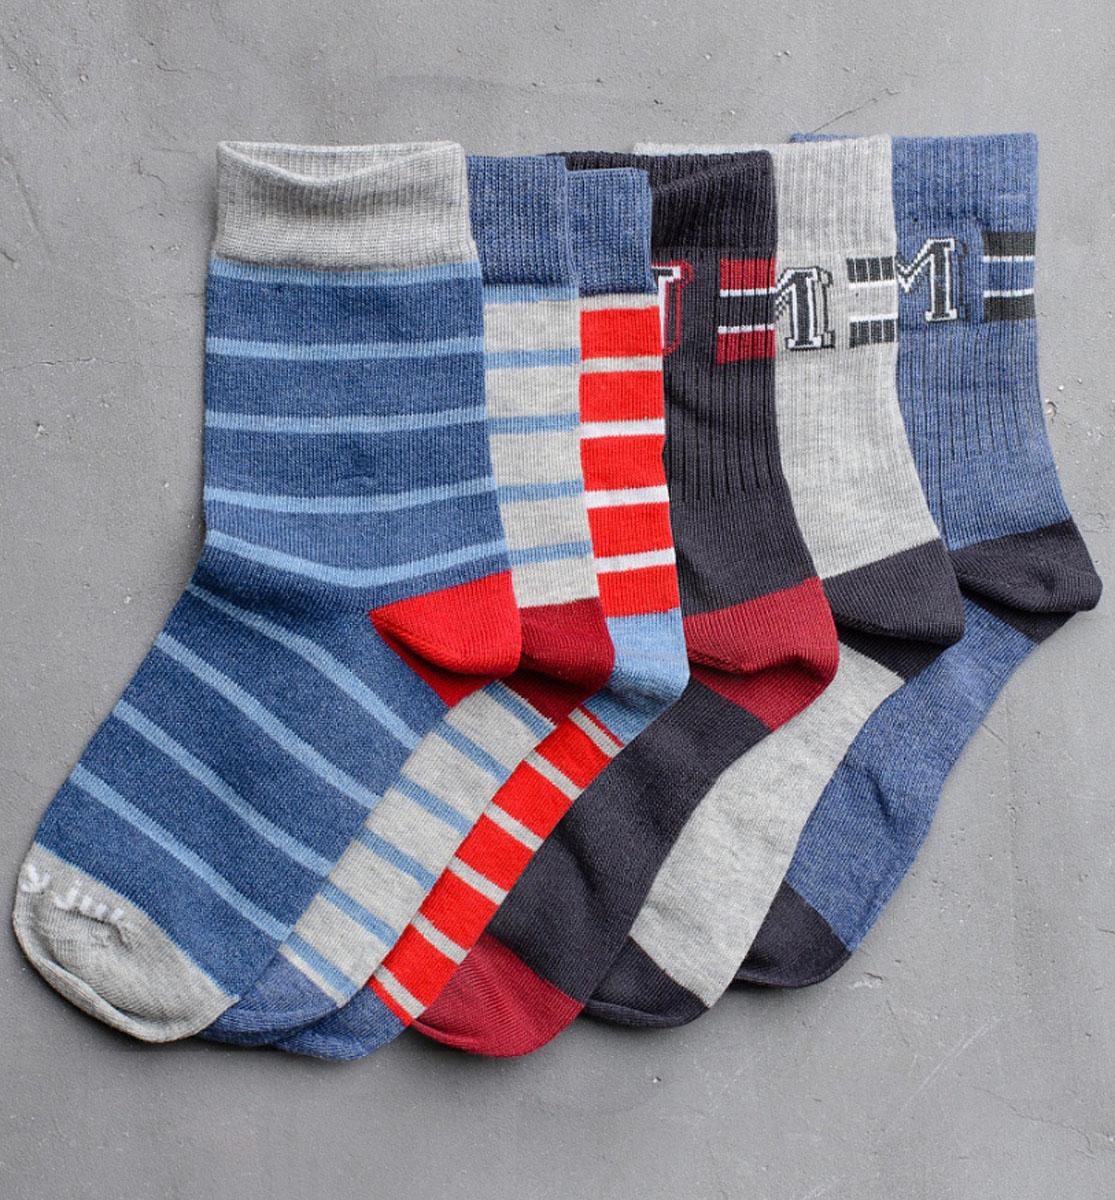 Носки для мальчика Modniy Juk, цвет: мультиколор. Socks 22/Logo. Размер 14/16Socks 22/Logo/Стильные носки для мальчика Modniy Juk изготовлены из высококачественного материала, они приятны на ощупь, не раздражают нежную и чувствительную кожу ребенка, позволяя ей дышать. Модель отлично облегает стопу. Усиленный мысок и пятка продлят срок эксплуатации. Изделие дополнено логотипом в стиле Modniy Juk.